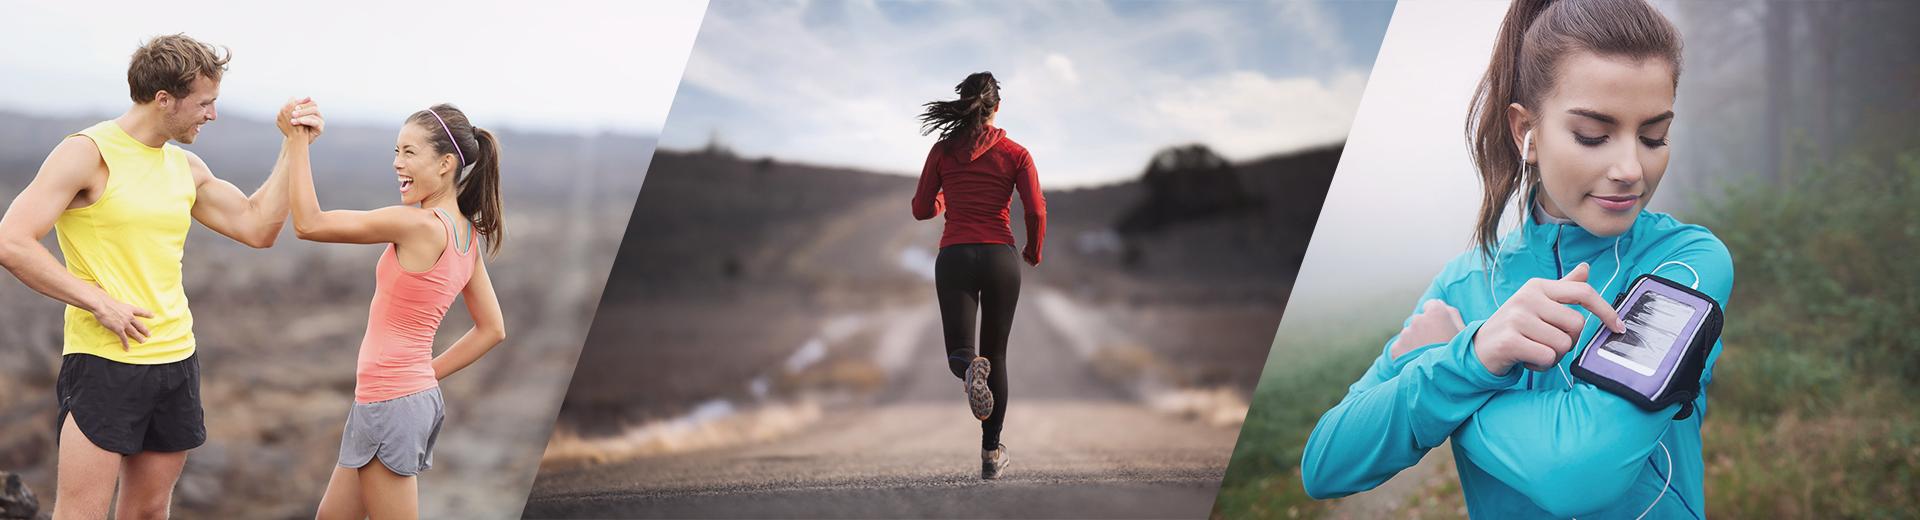 runningtraining